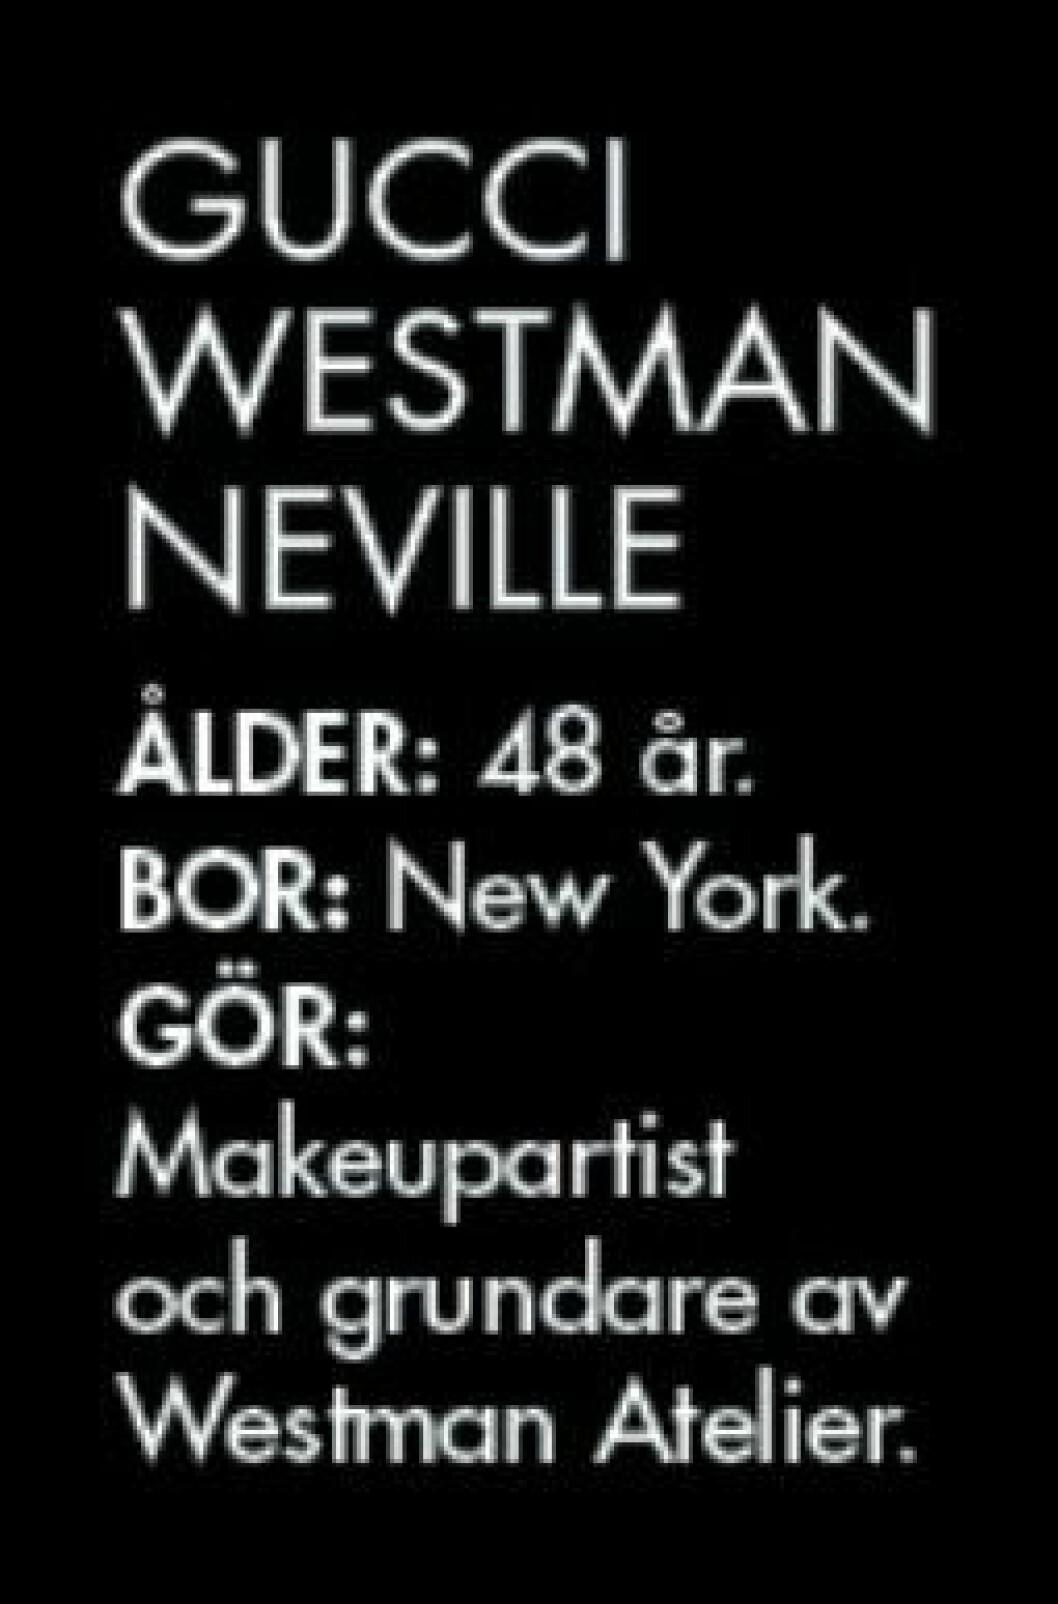 Gucci Westman Neville ÅLDER: 48 år. BOR: New York. GÖR: Makeupartist och grundare av Westman Atelier.